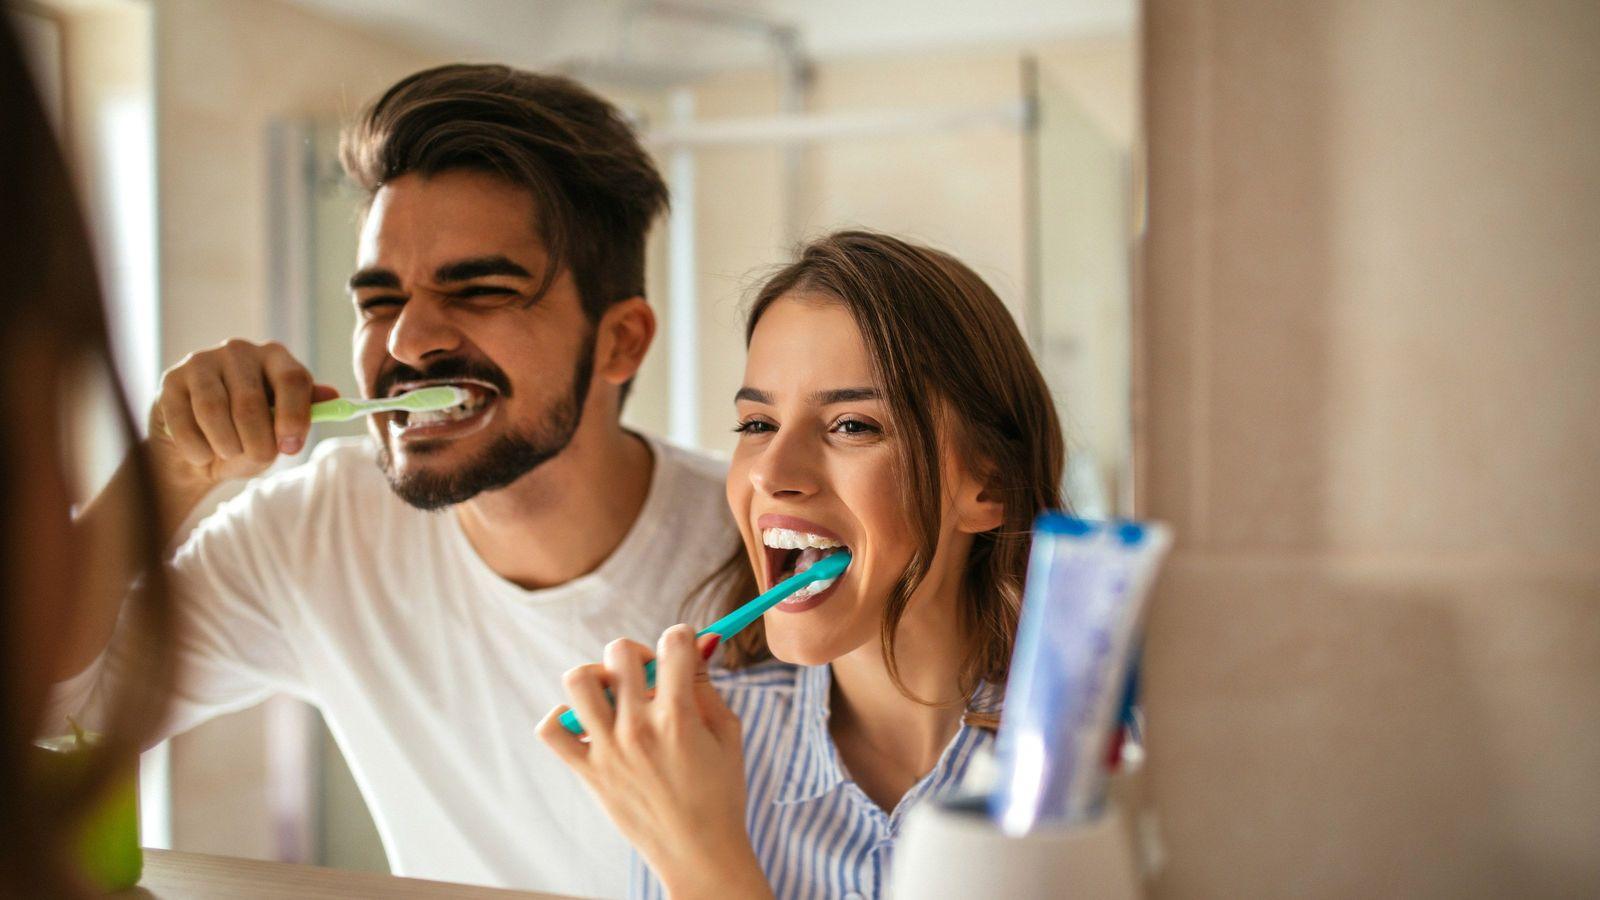 歯科医が断言「食後30分以内に歯磨きをしてはいけない」 うがい後の水は飲んだほうがいい